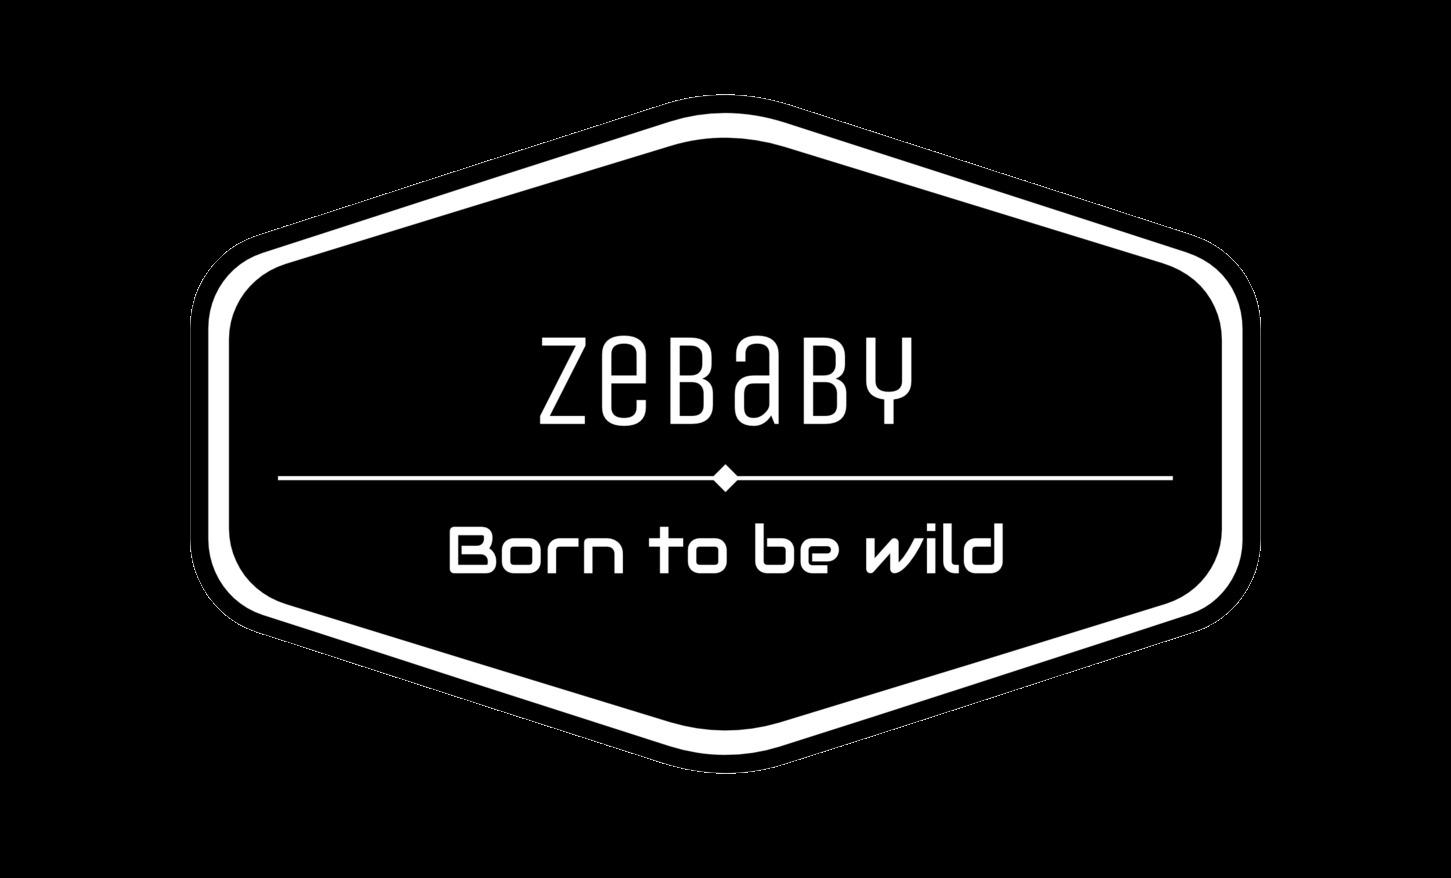 ストリート、ロックテイストの子供服 ZEBABY